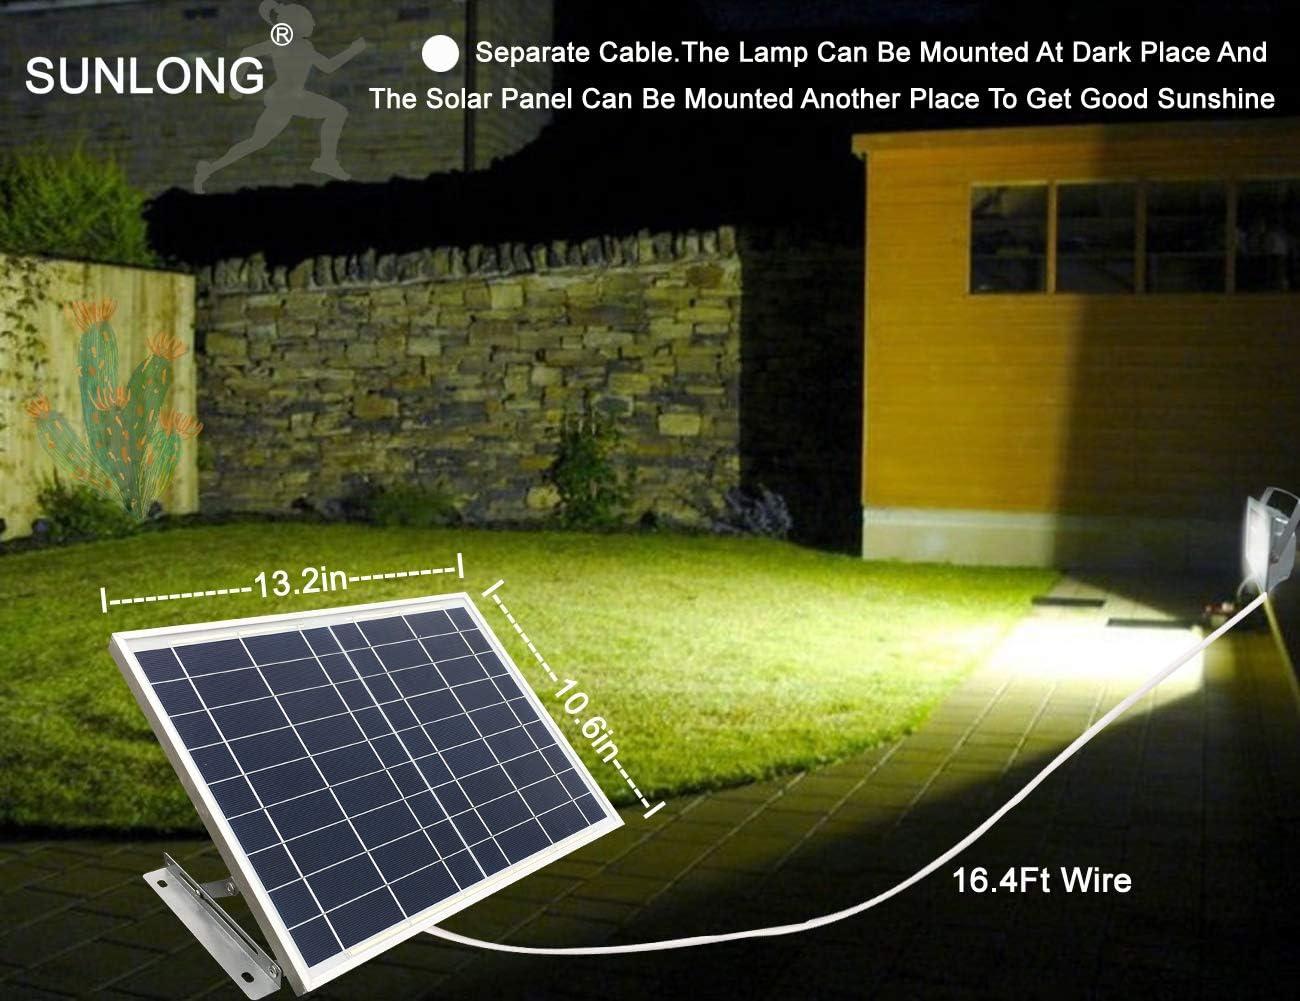 52LEDs Solar Powered Light Garden Outdoor light Flood Yard Lawn Wall Spot Lamp